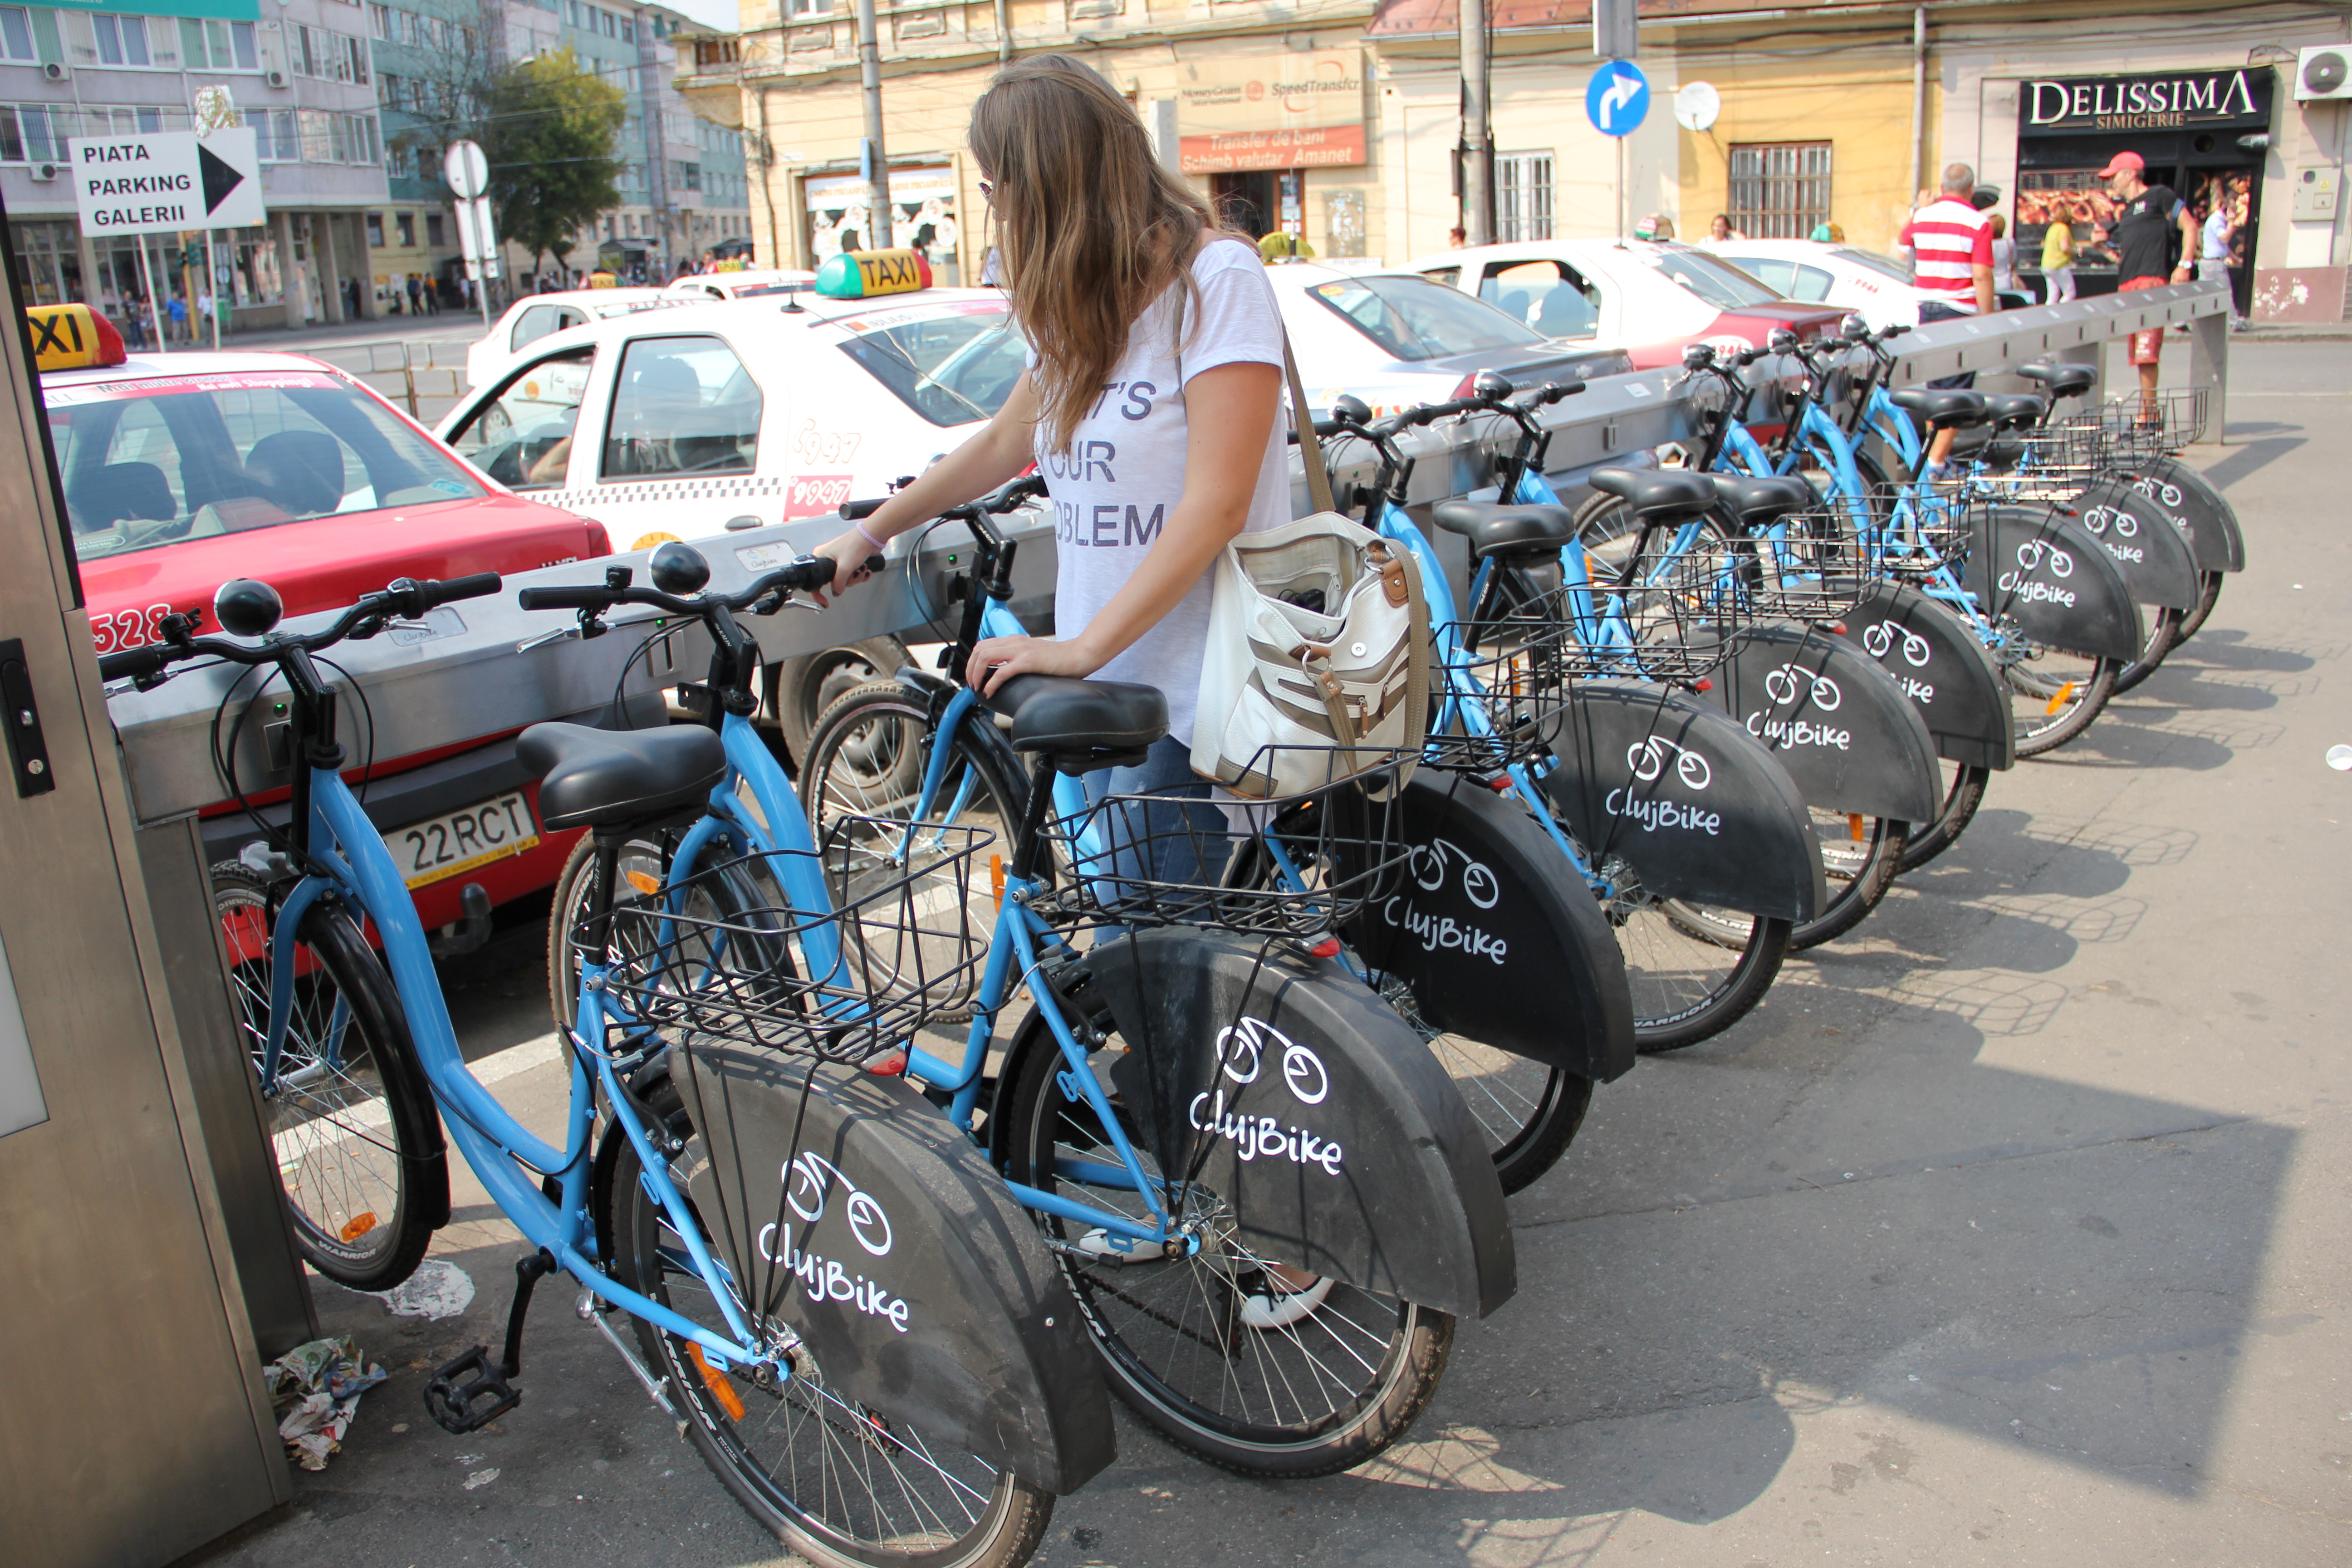 Poți ridica o bicicletă în mai puțin de două minute,   sistemul funcționează perfectt/ Foto: Dan Bodea